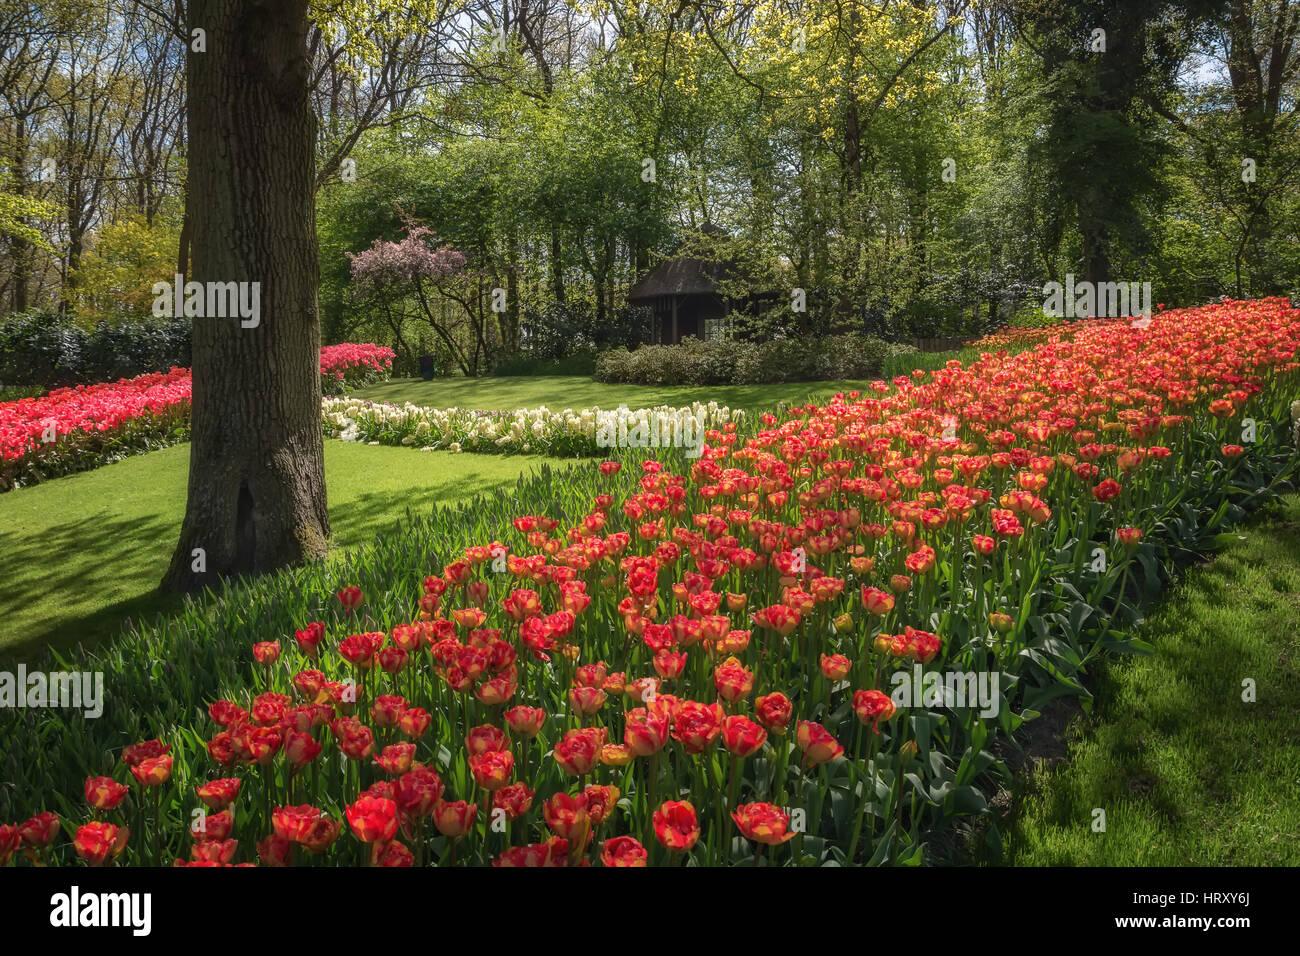 The Keukenhof is de most beautiful flower park in the ...